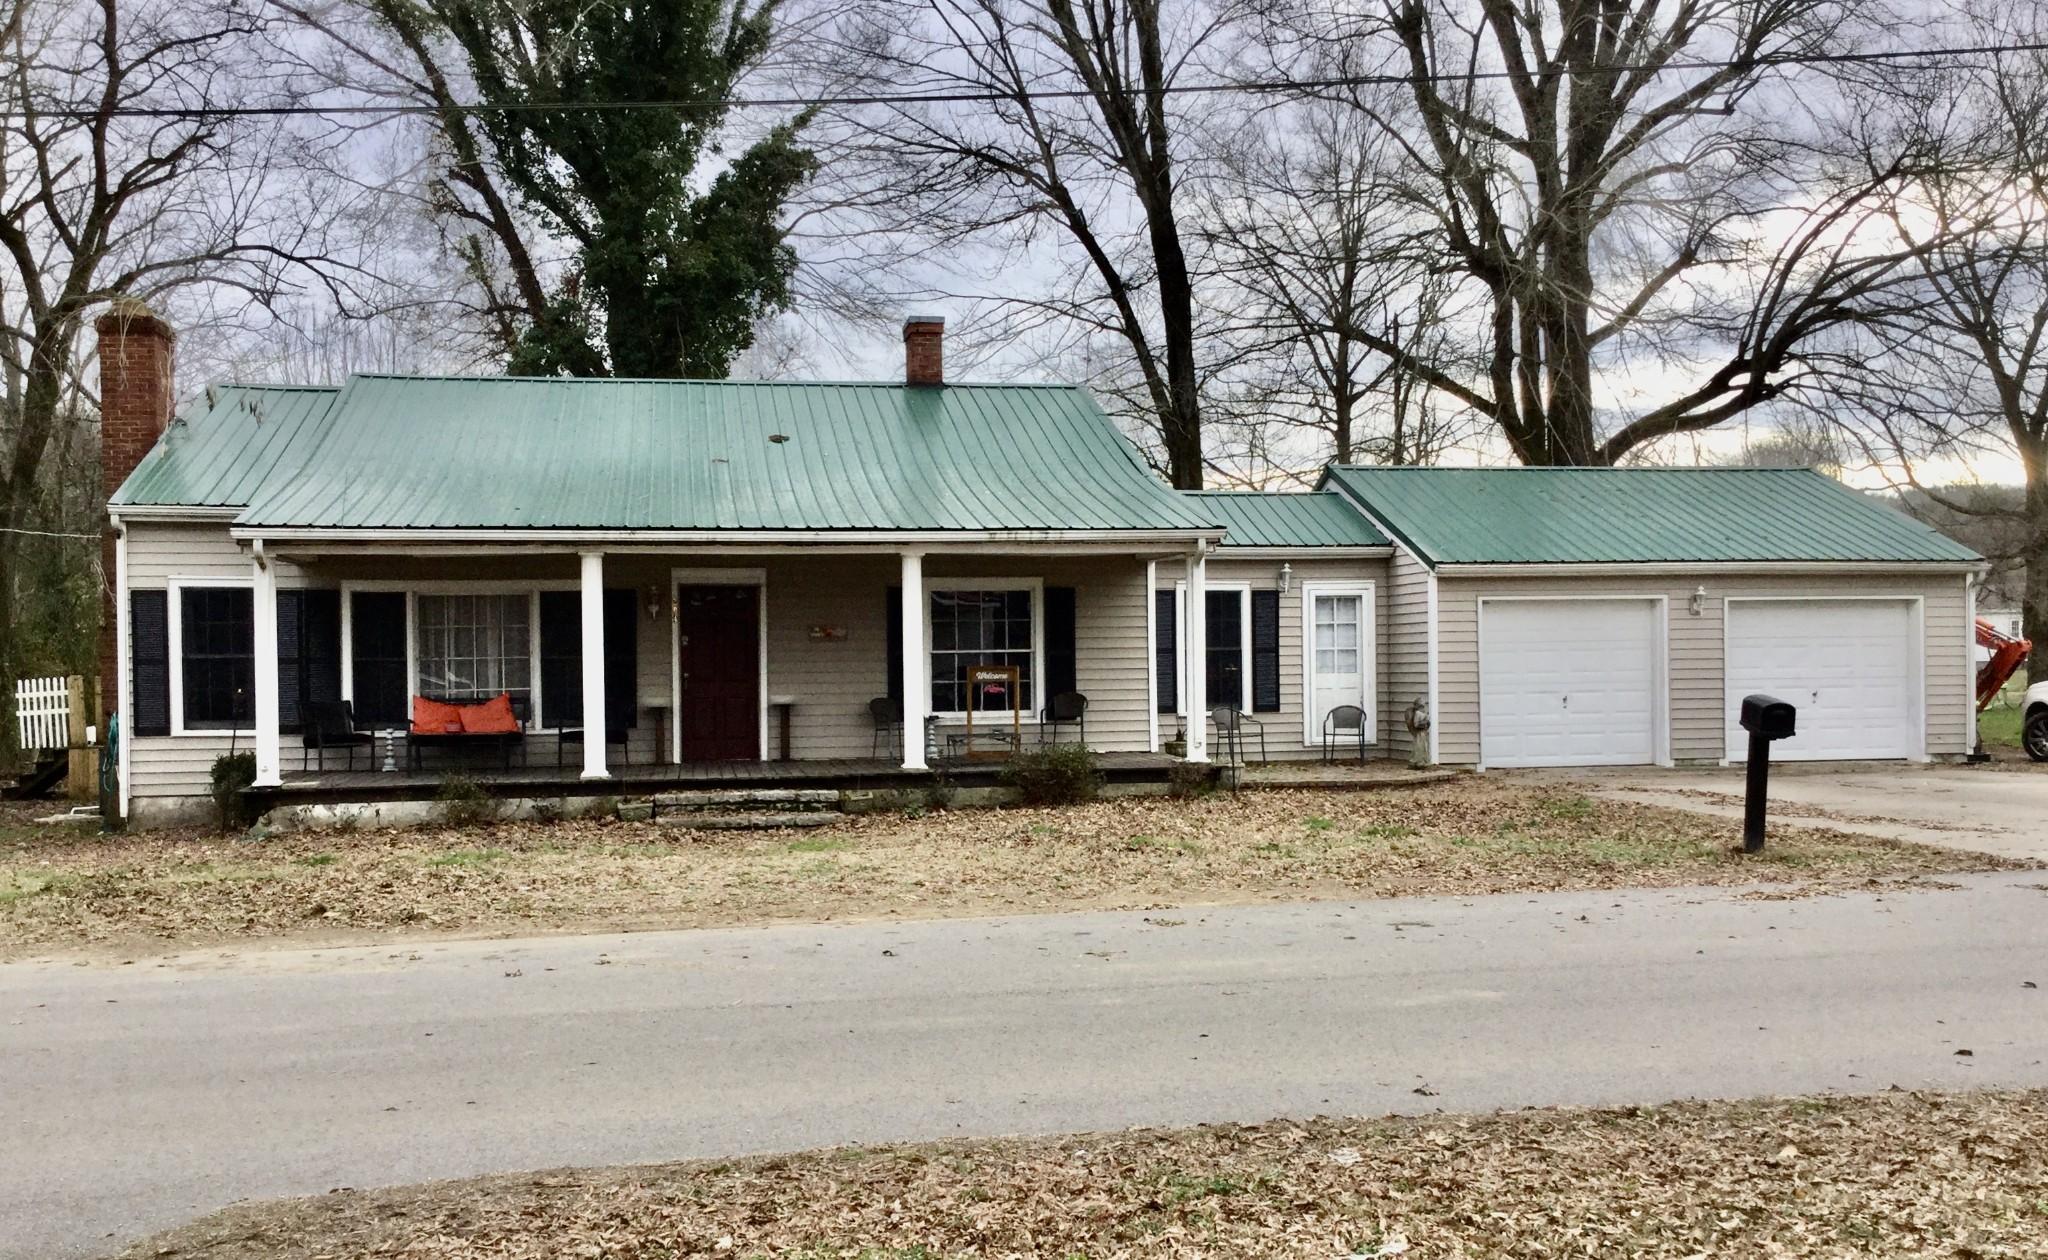 204 Gaunt St, Petersburg, TN 37144 - Petersburg, TN real estate listing